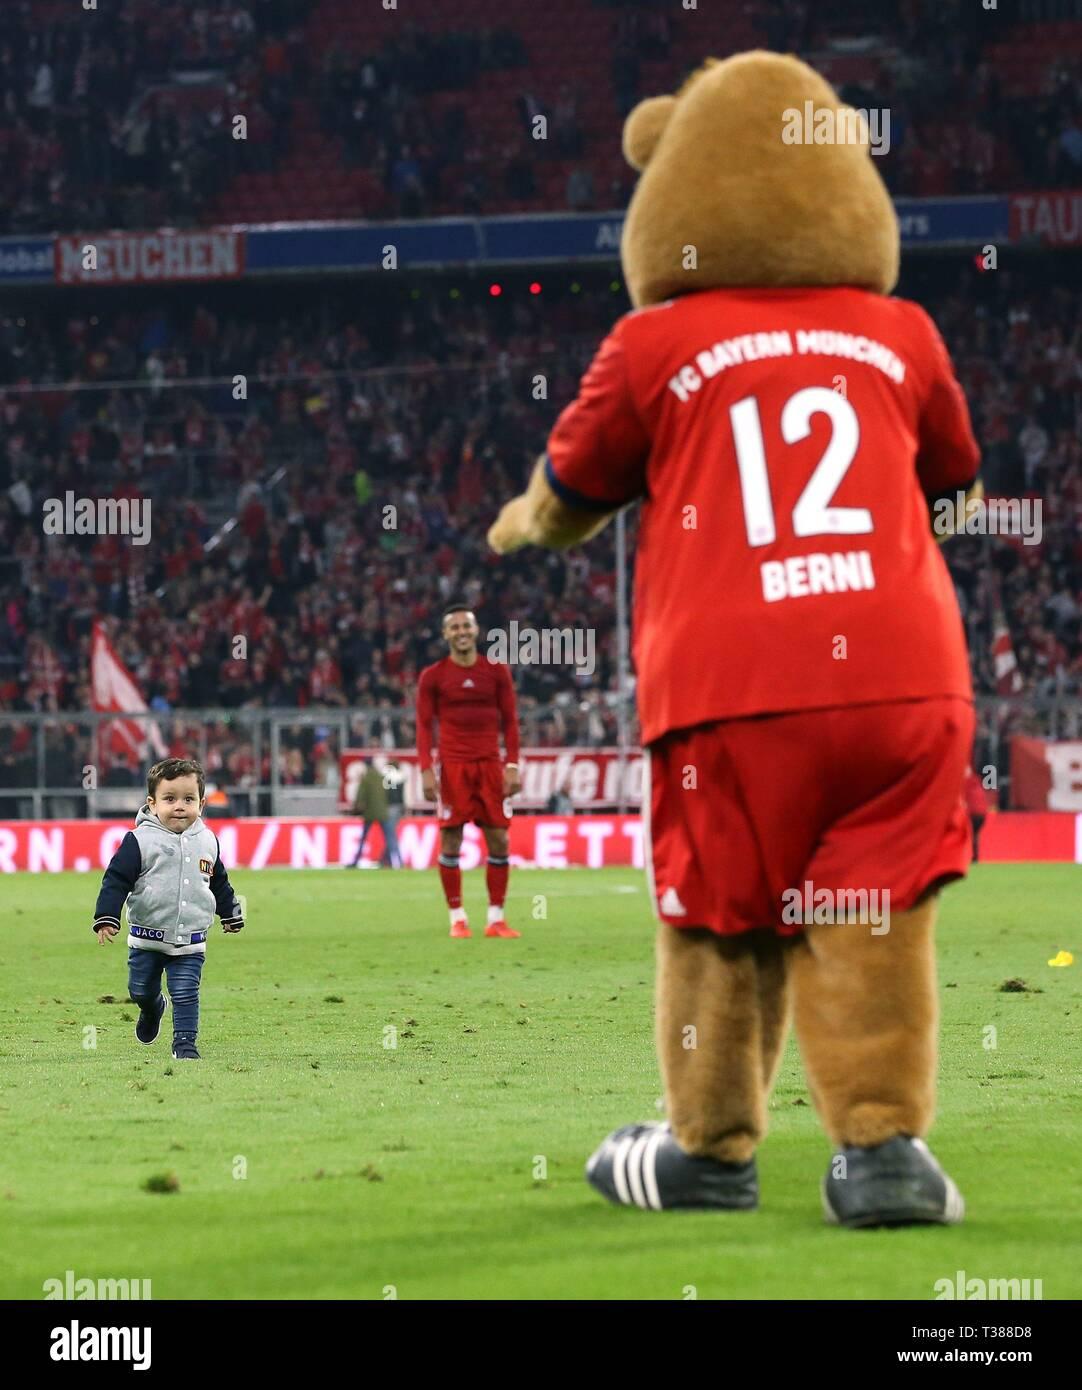 Munchen Munich Deutschland 06th Apr 2019 Firo 06 04 2019 Football Football 1 Bundesliga Season 2018 2019